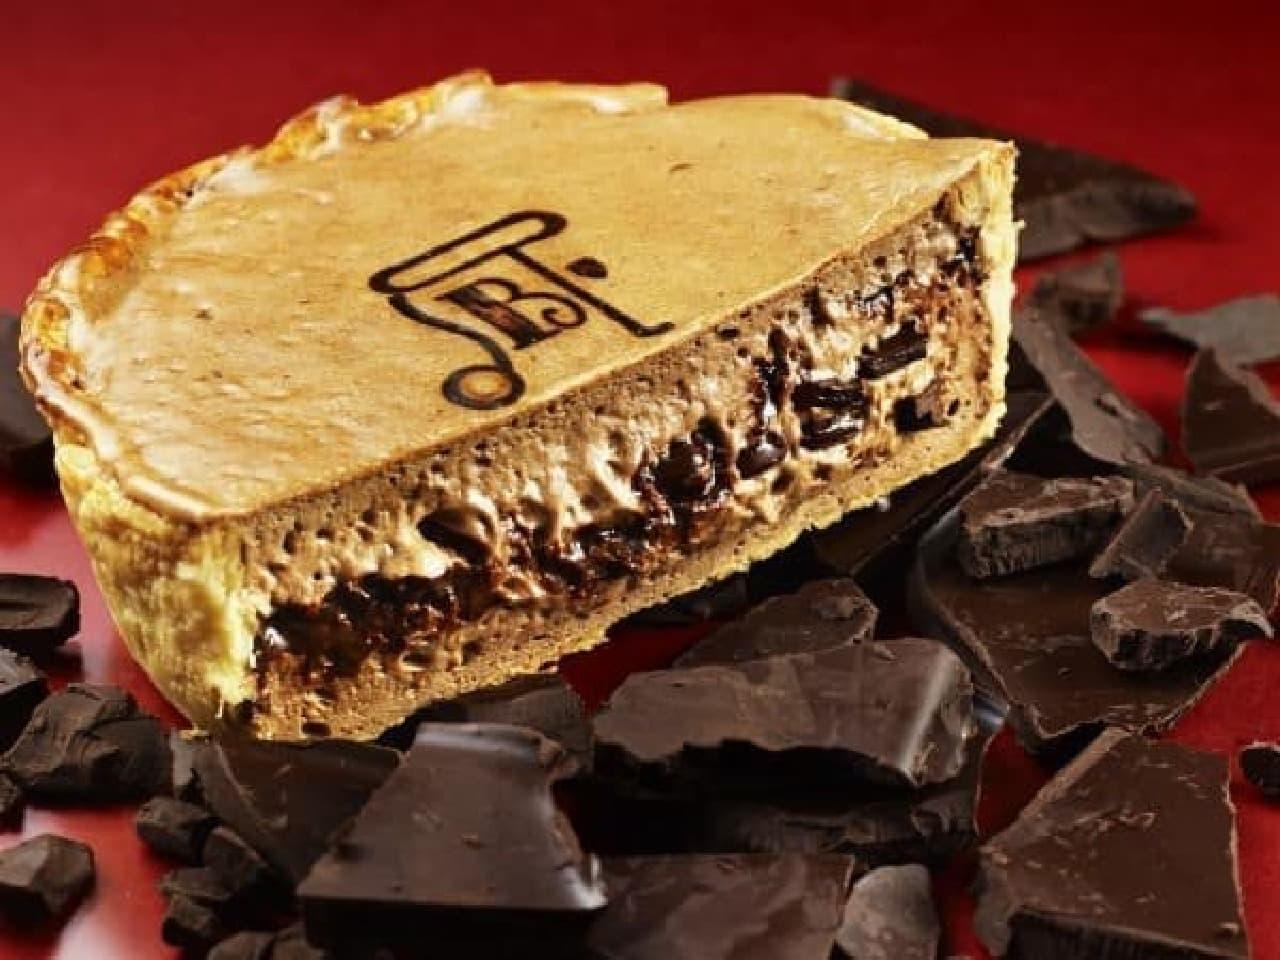 濃厚チョコレートがとろけ出す…